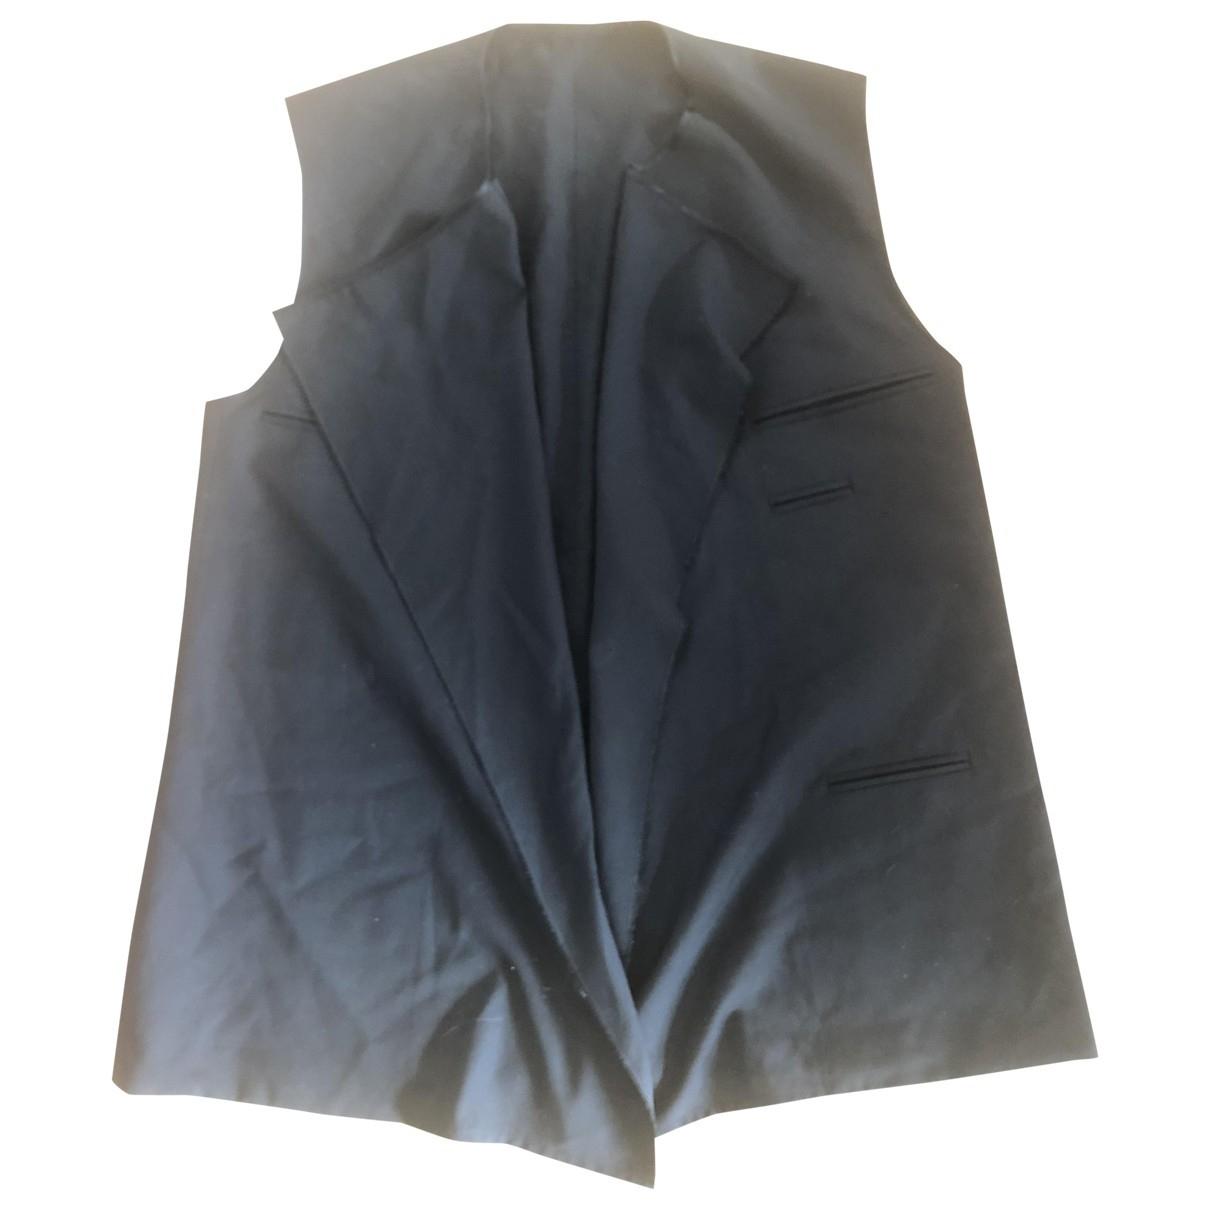 Dior Homme - Pulls.Gilets.Sweats   pour homme en laine - noir